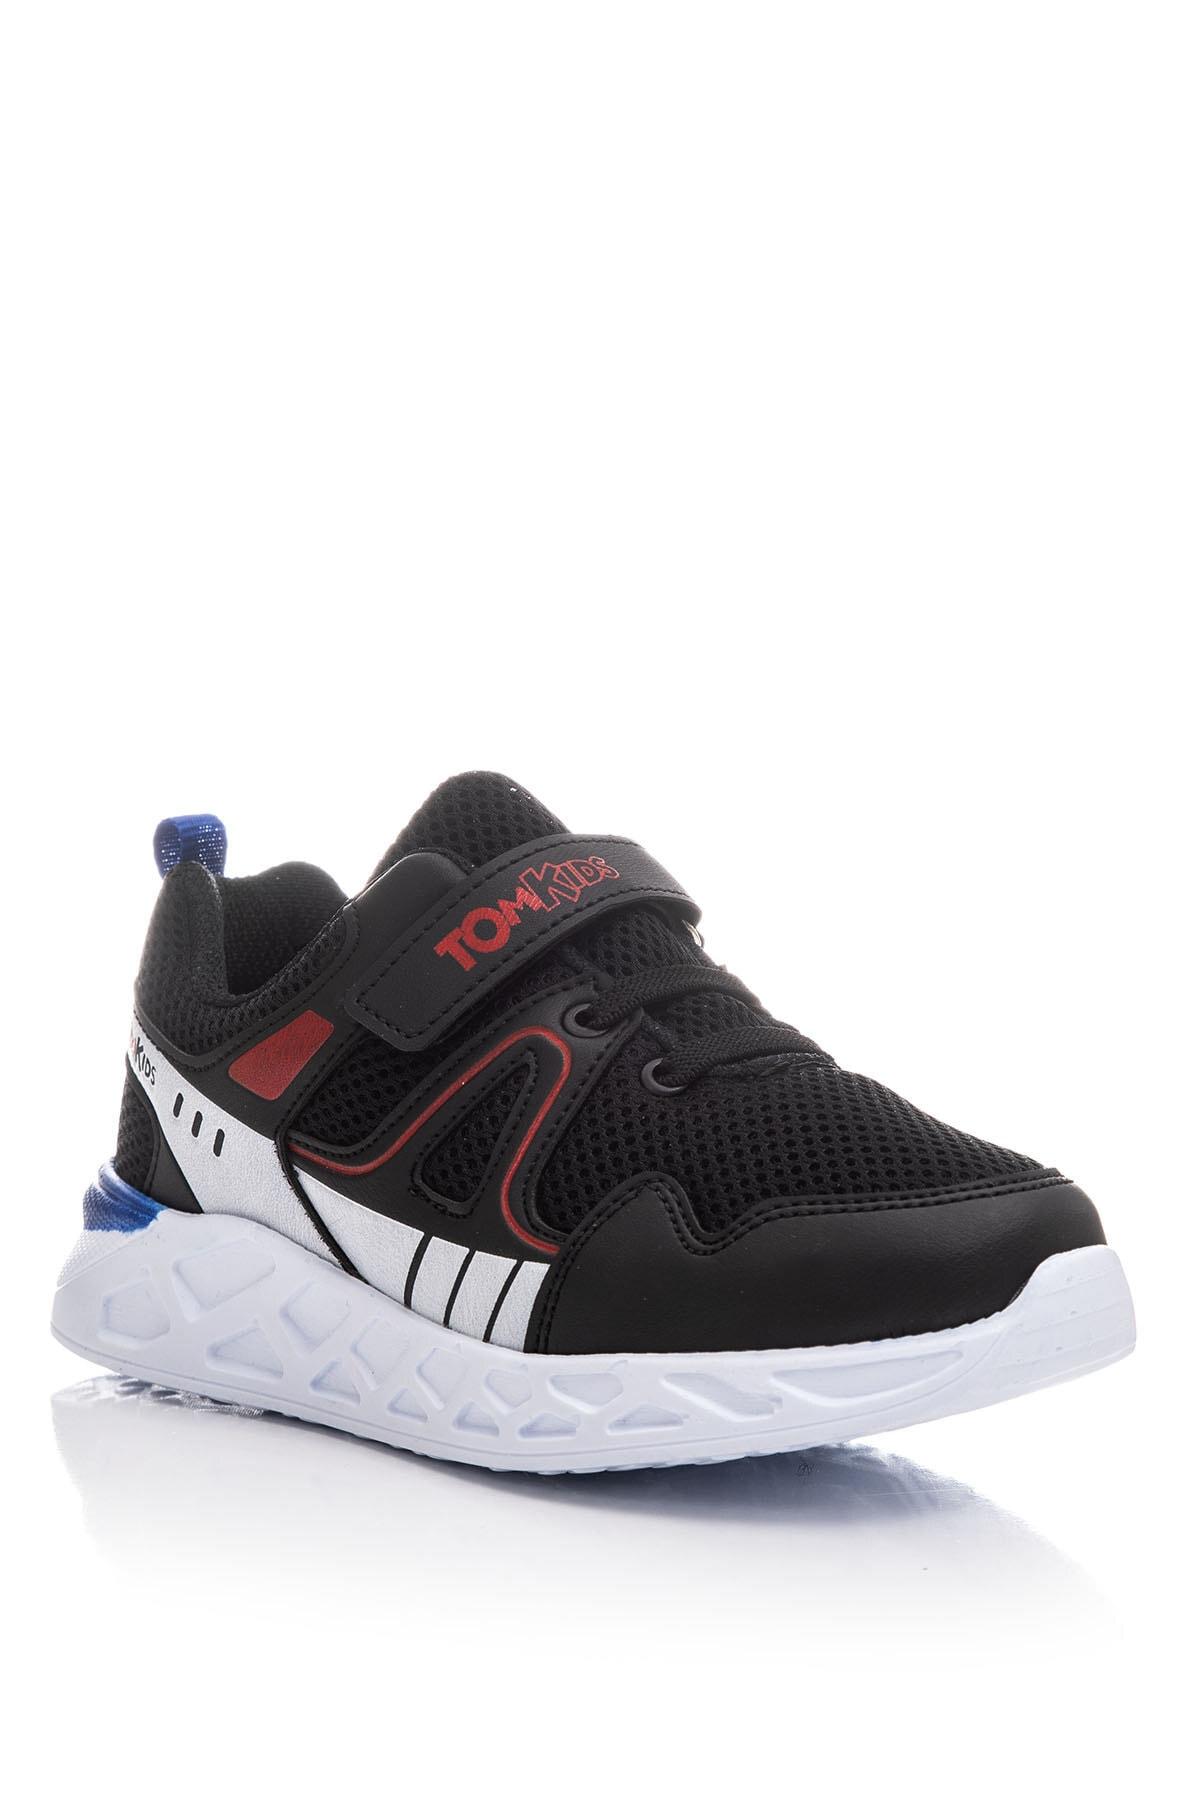 Tonny Black Erkek Çocuk Siyah Çocuk Spor Ayakkabı TB3401-3 1